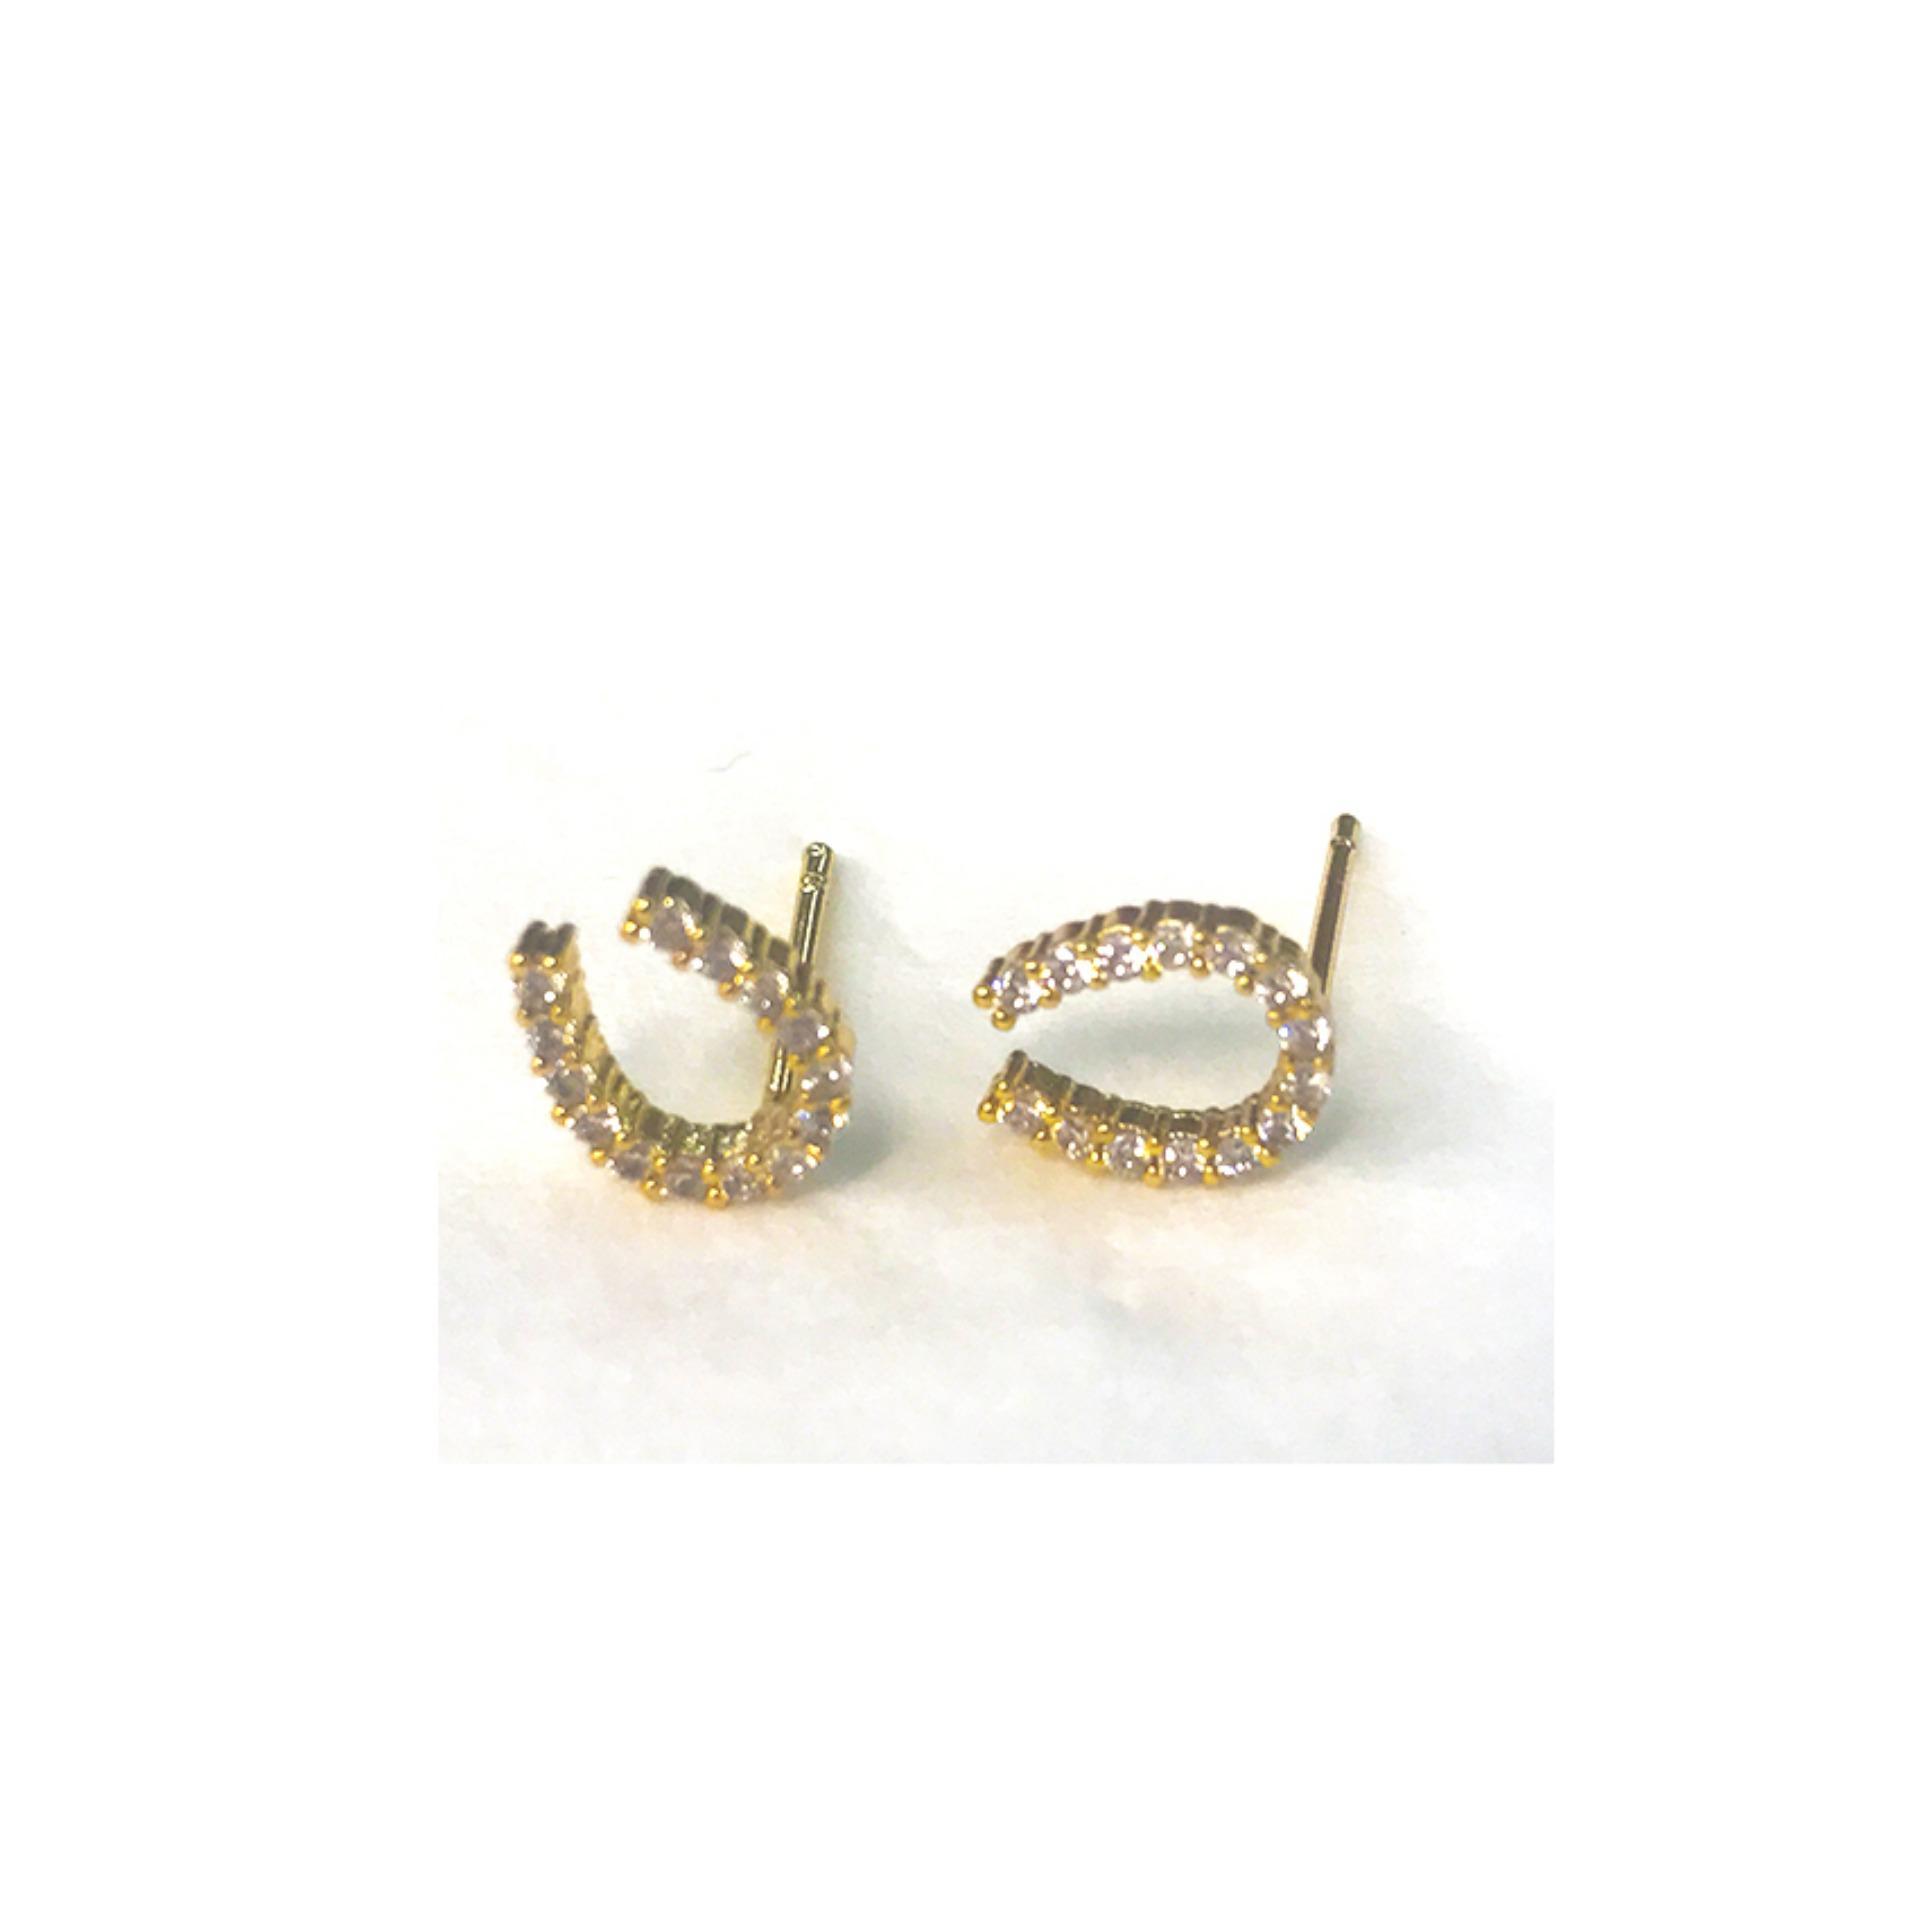 Horse Shoe Stud Earrings In Gold